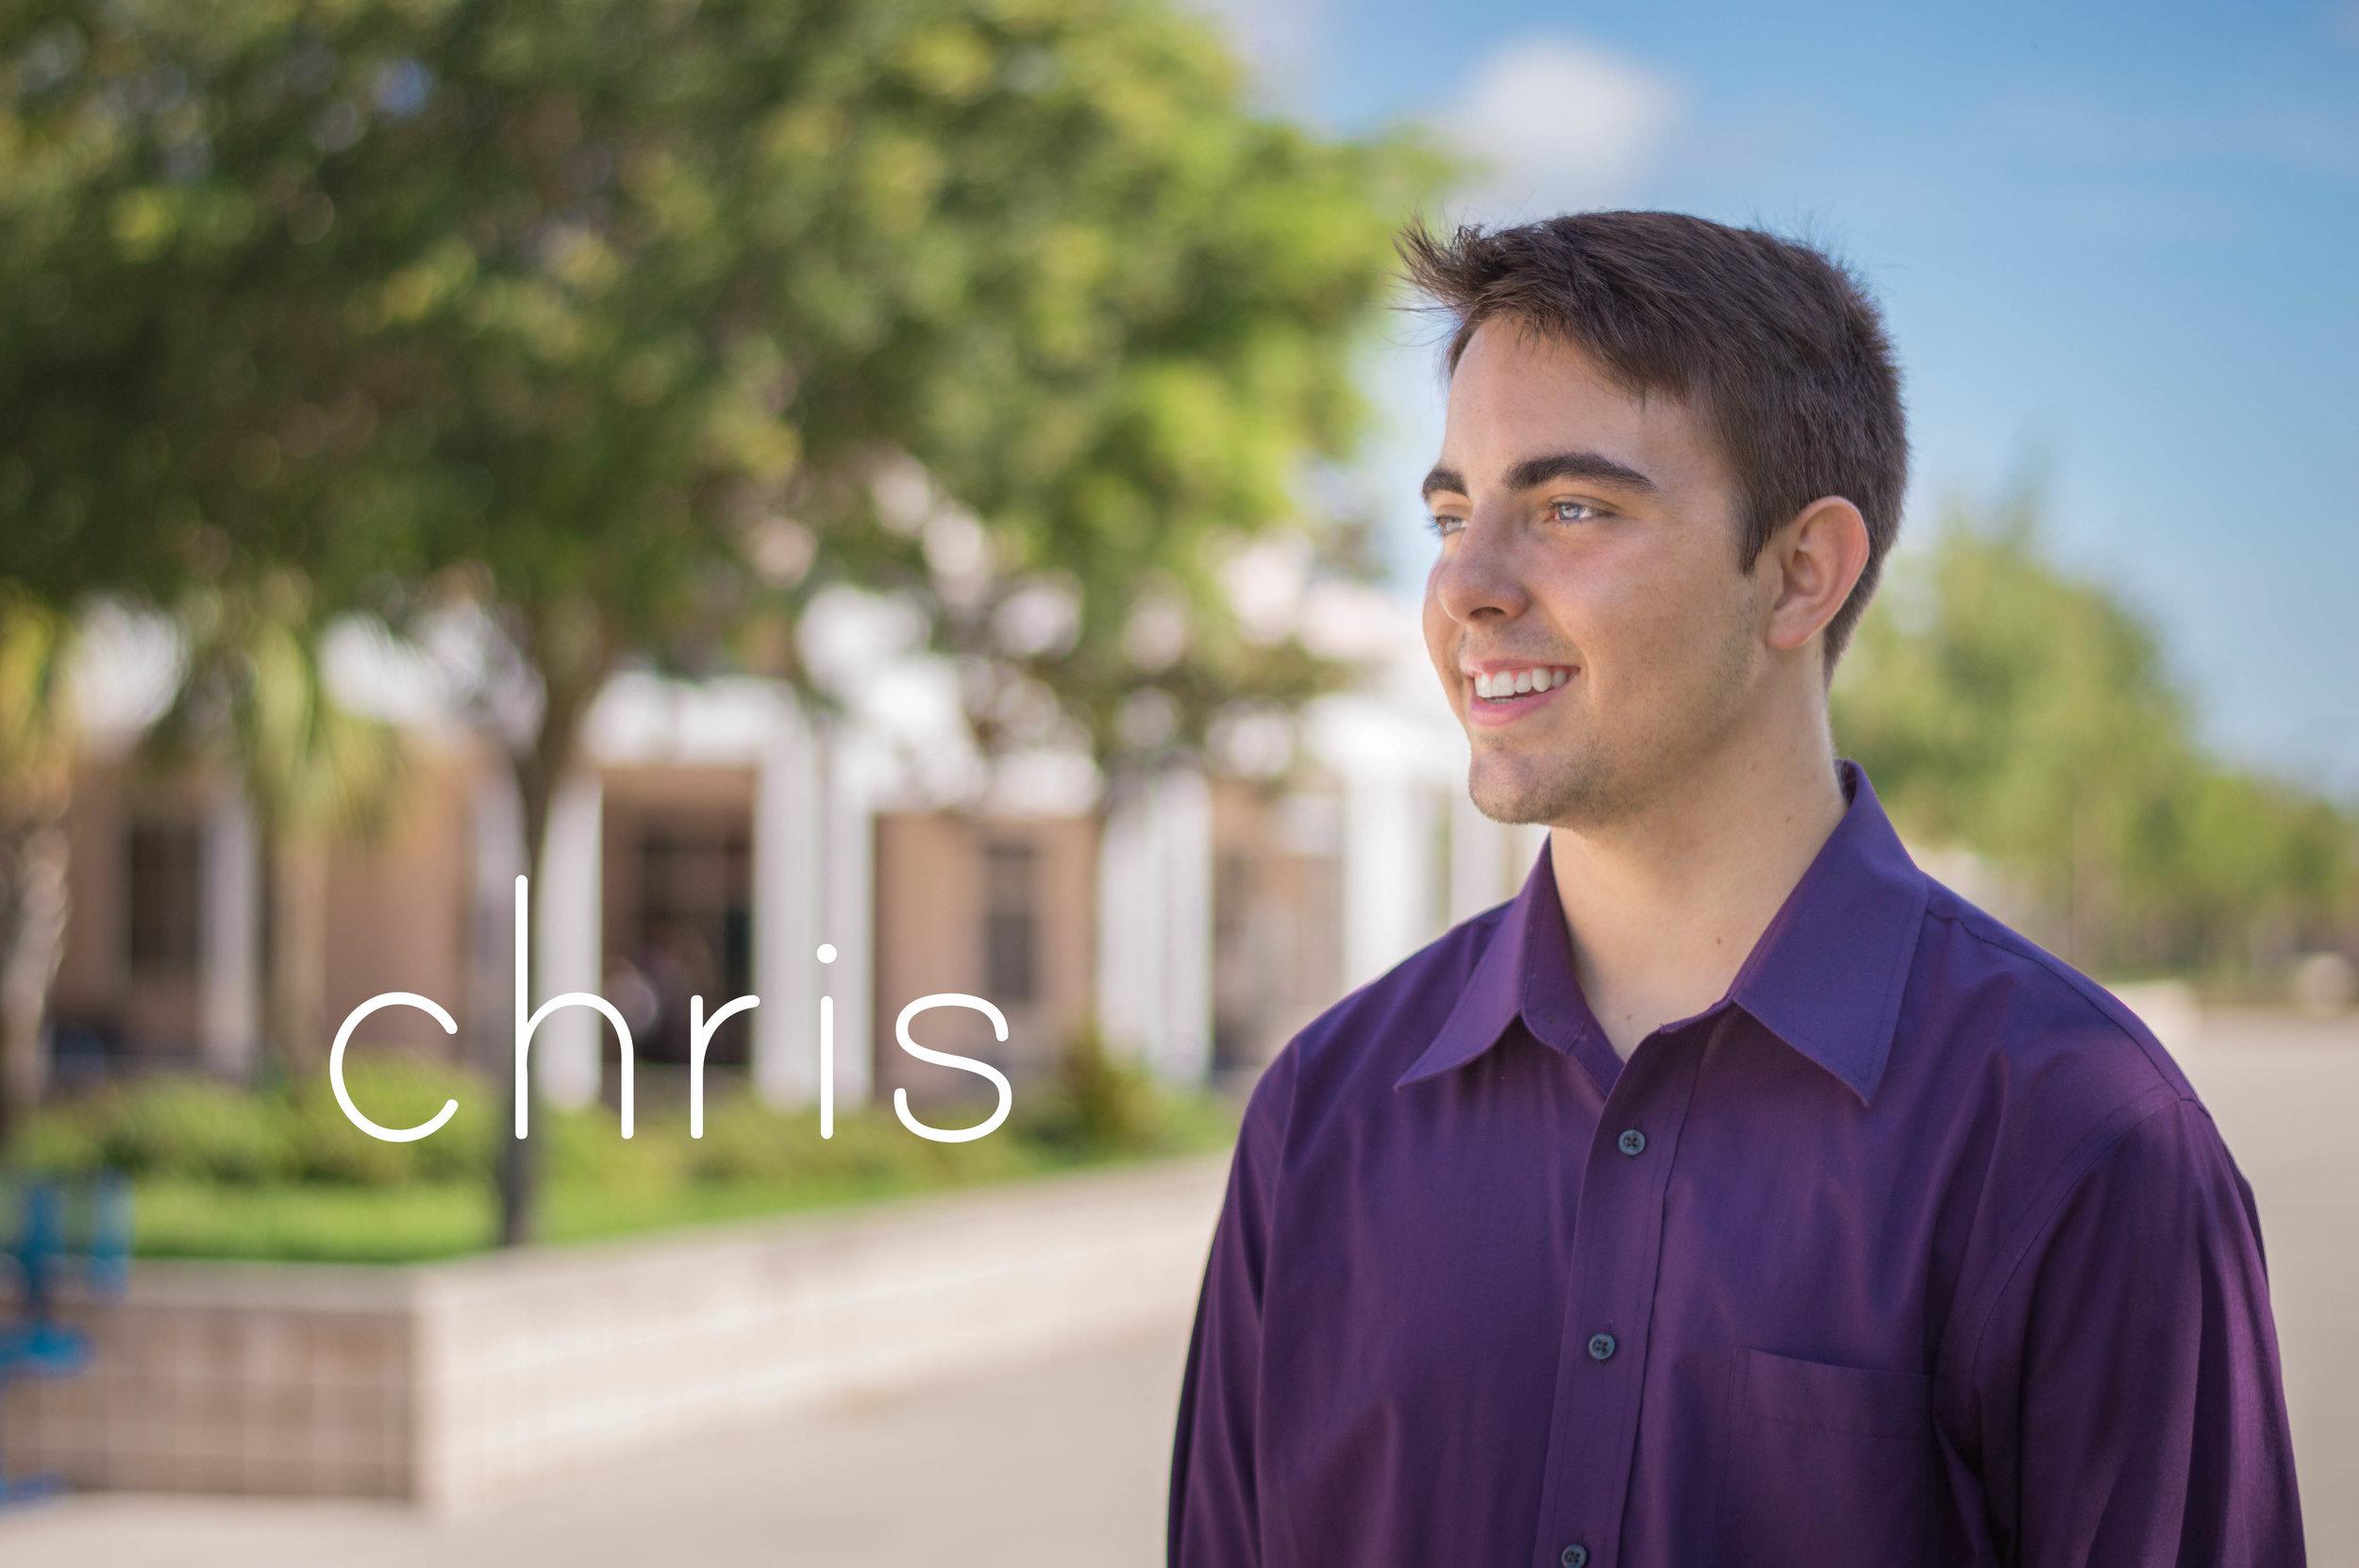 PortraitNamed_Chris.jpg